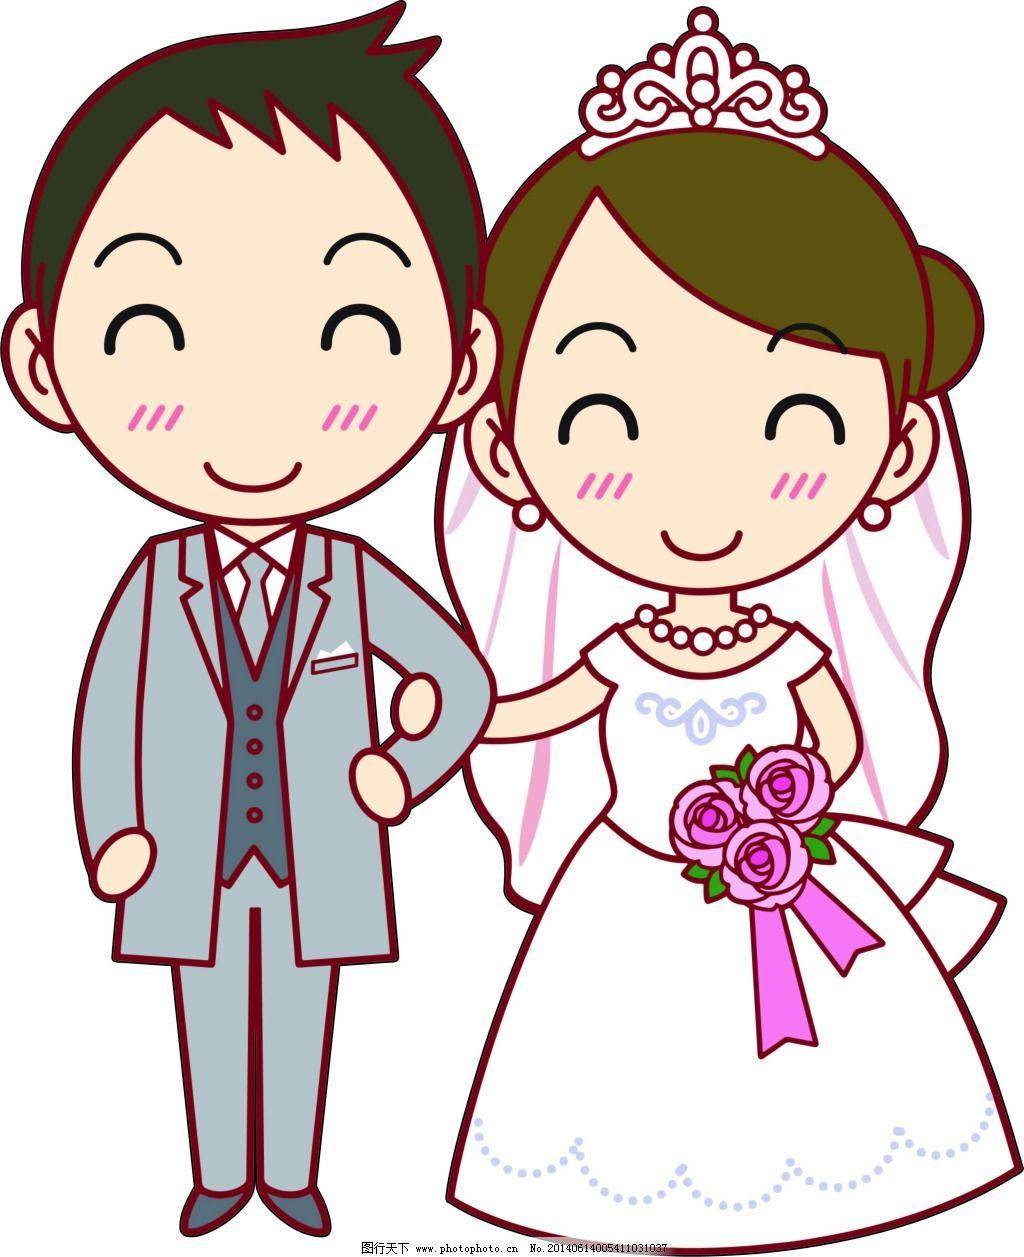 婚礼 结婚 新娘新郎 结婚 婚礼 新娘新郎 矢量图 矢量人物